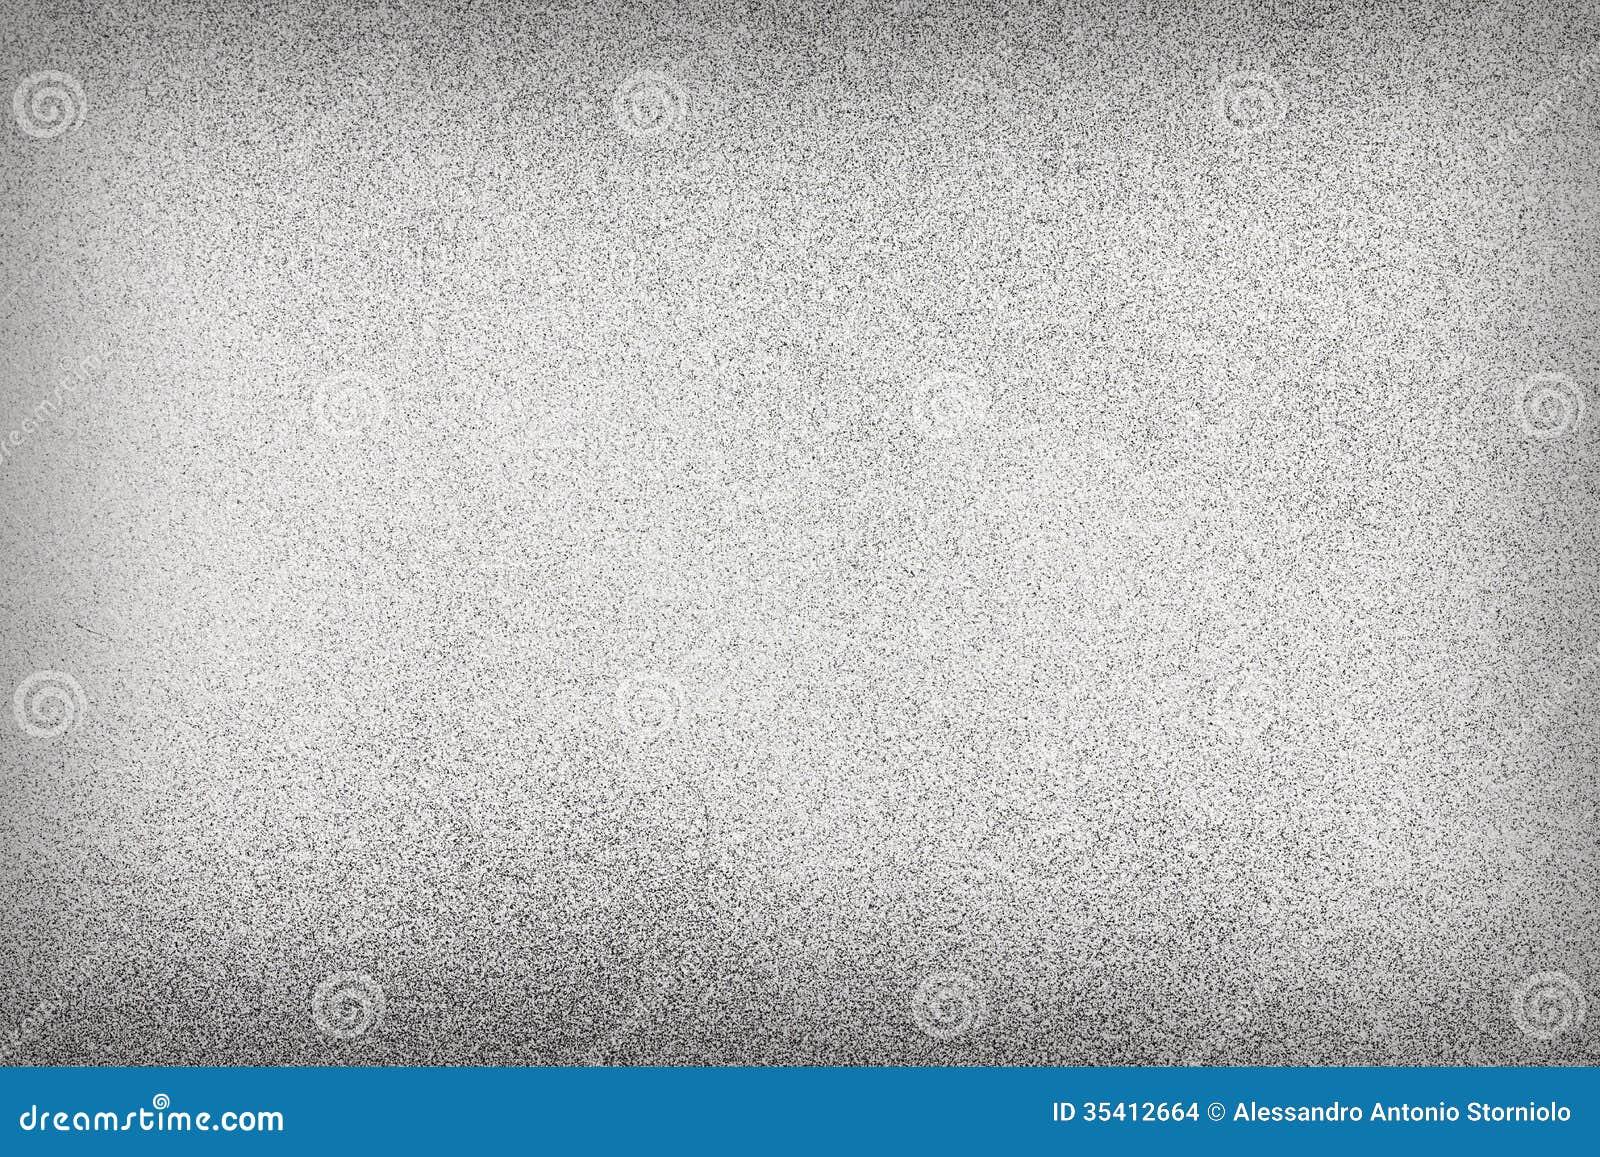 Strukturierter Hintergrund Mit Grauem Weihnachtsspray Stockfoto ...